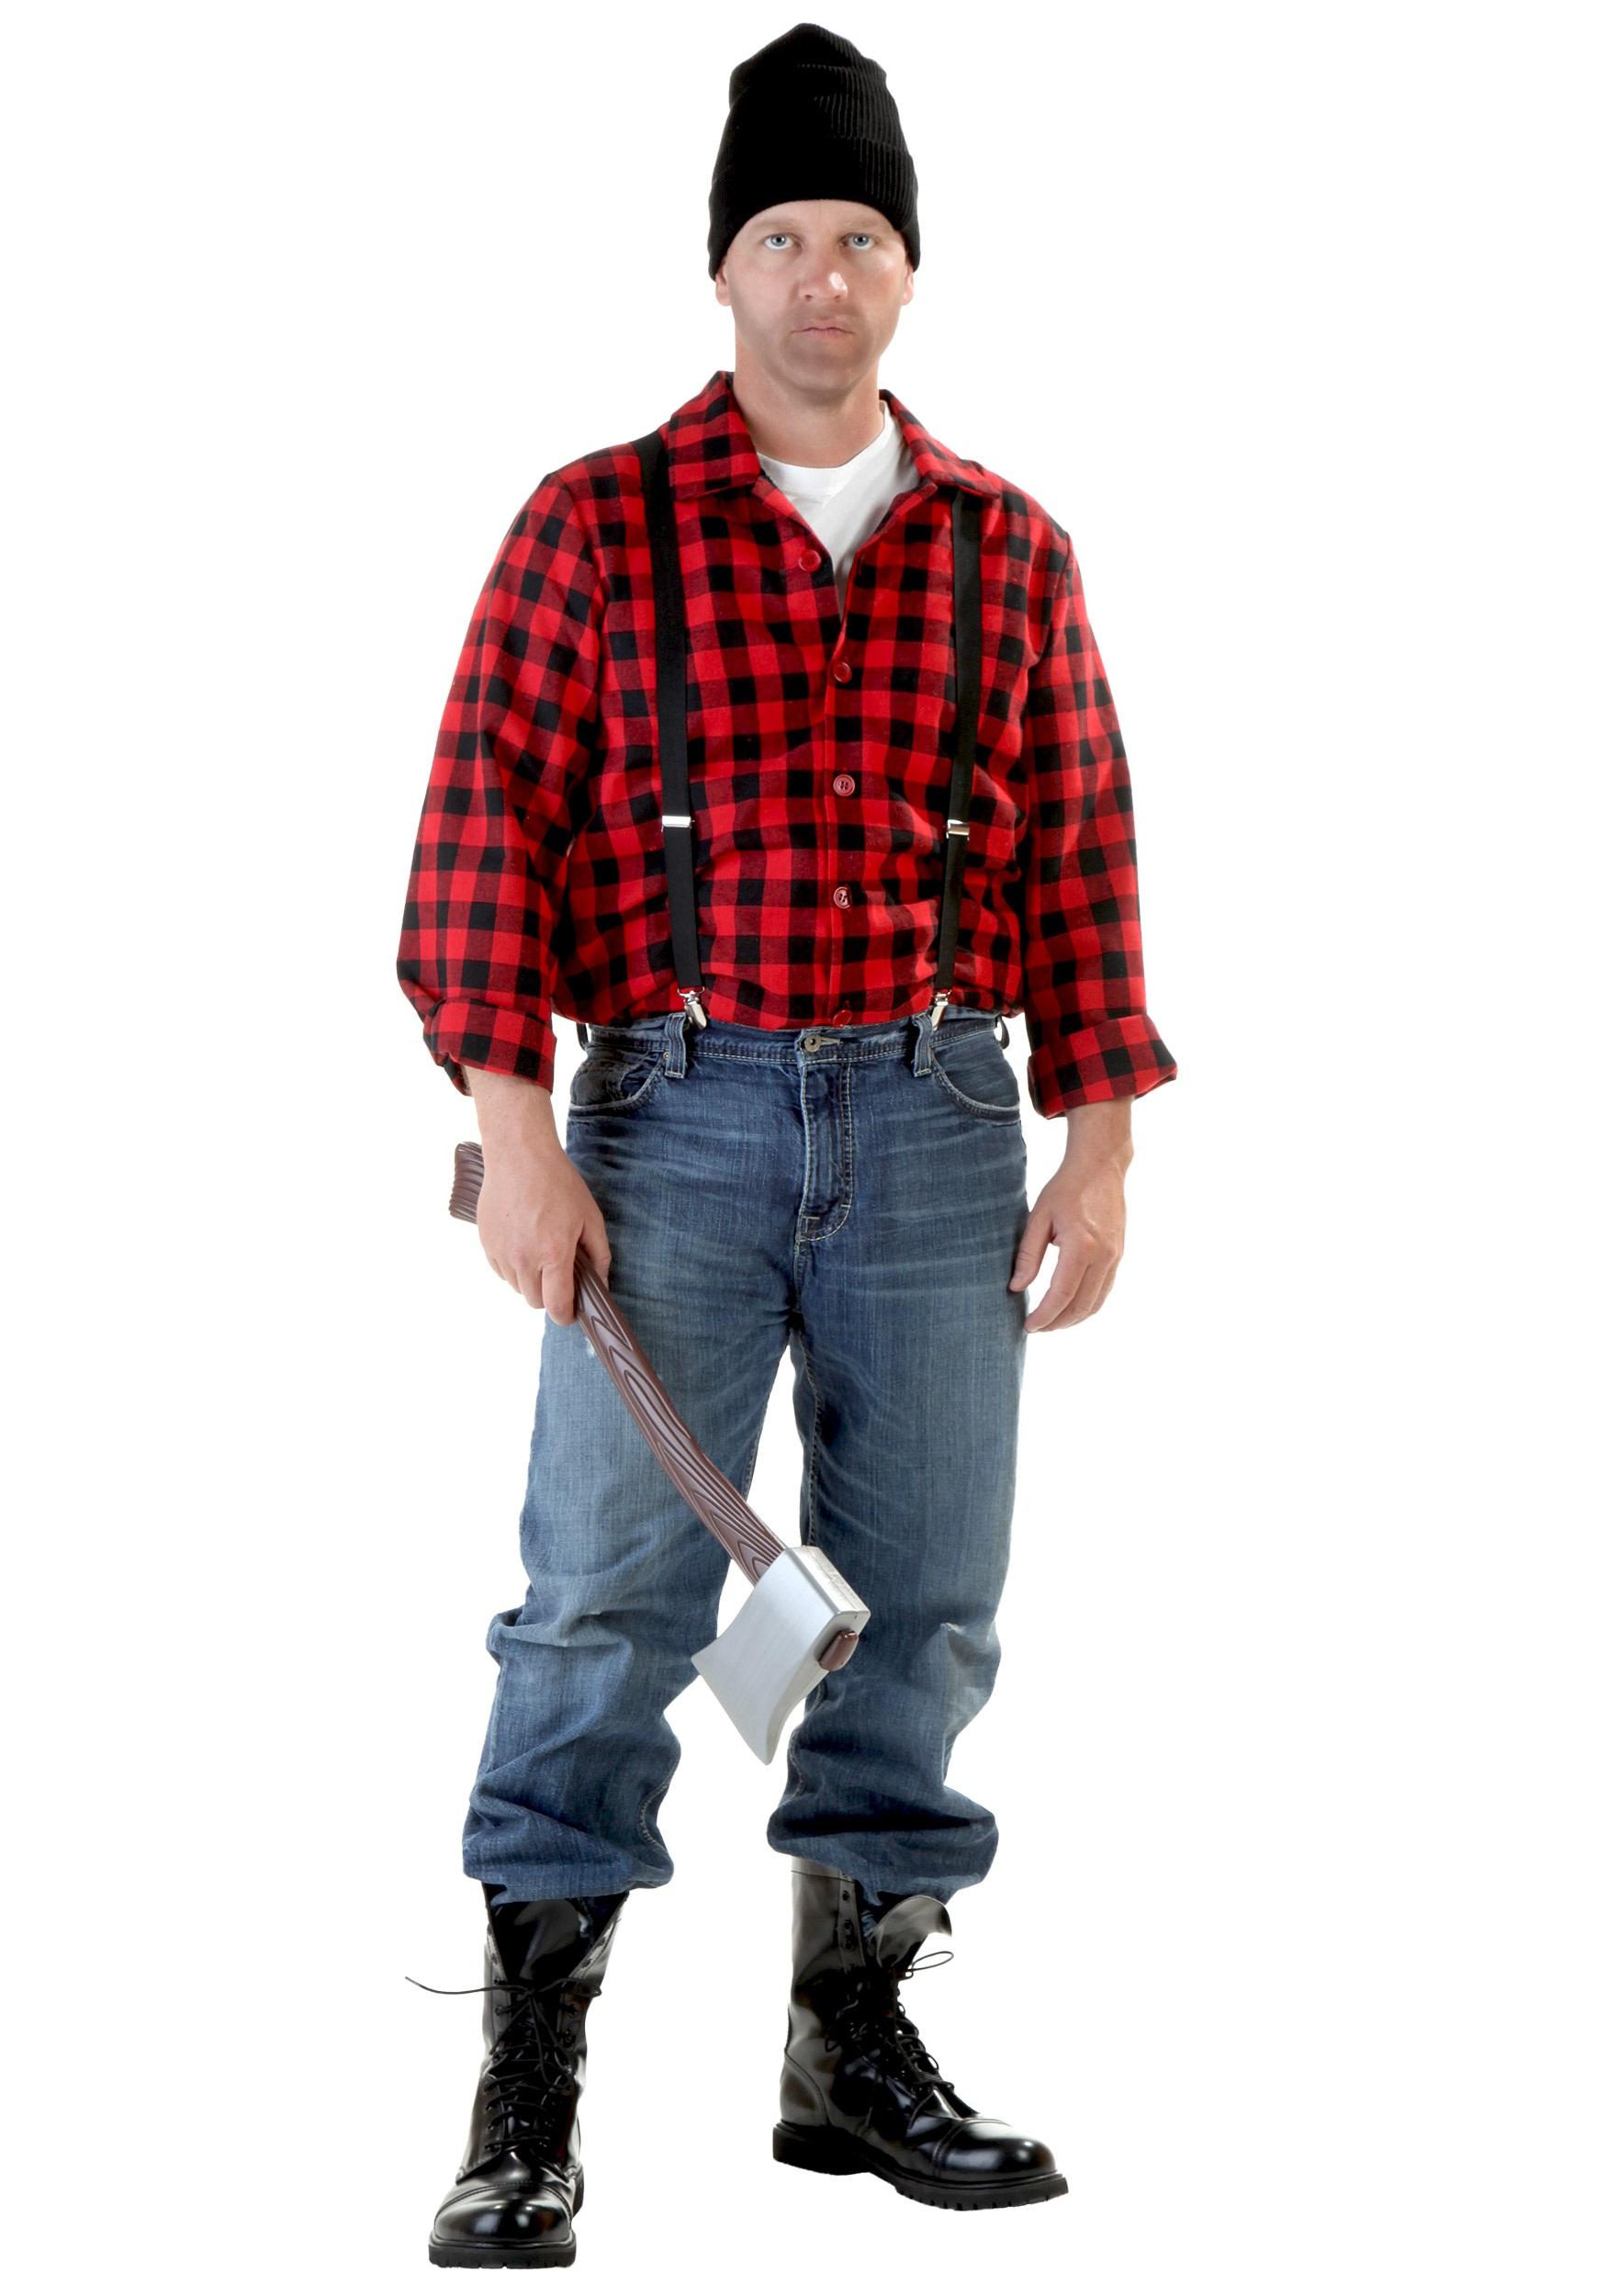 Adult Red Riding Hood Costume Adult Lumberjack Costu...